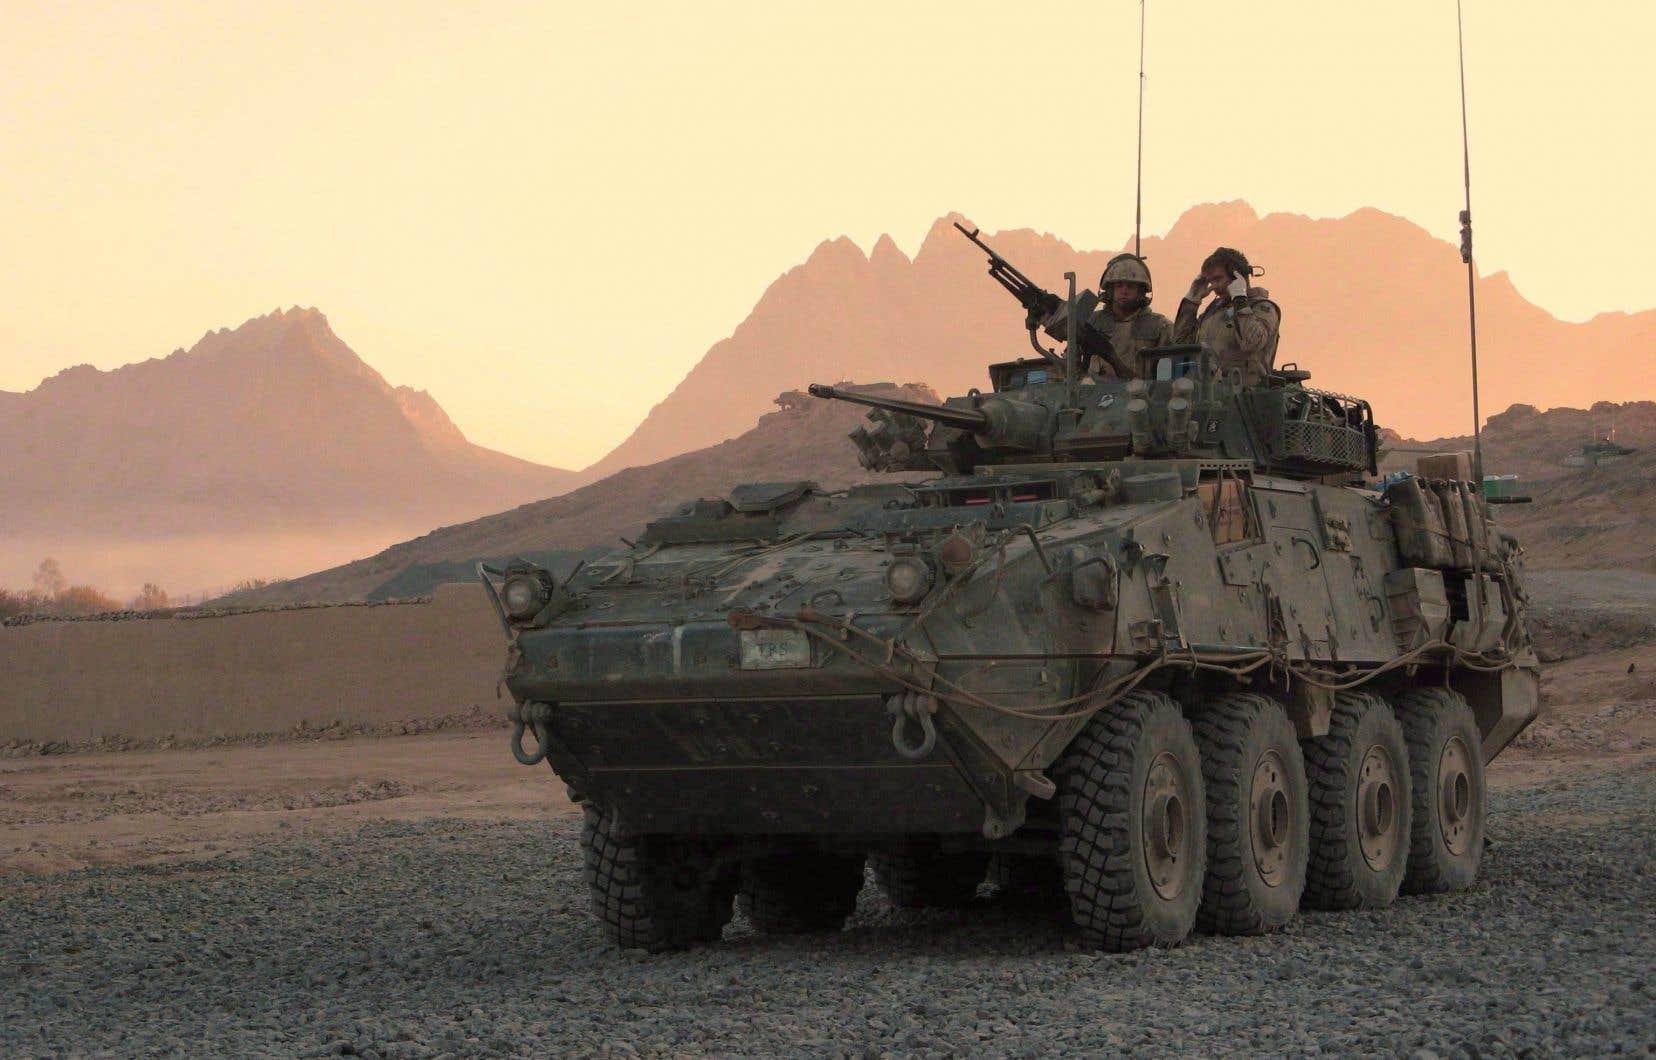 Le contrat de vente des véhicules blindés légers avait été conclu sous le gouvernement conservateur de Stephen Harper, mais c'est le gouvernement libéral actuel qui a octroyé les licences d'exportation en avril 2016.